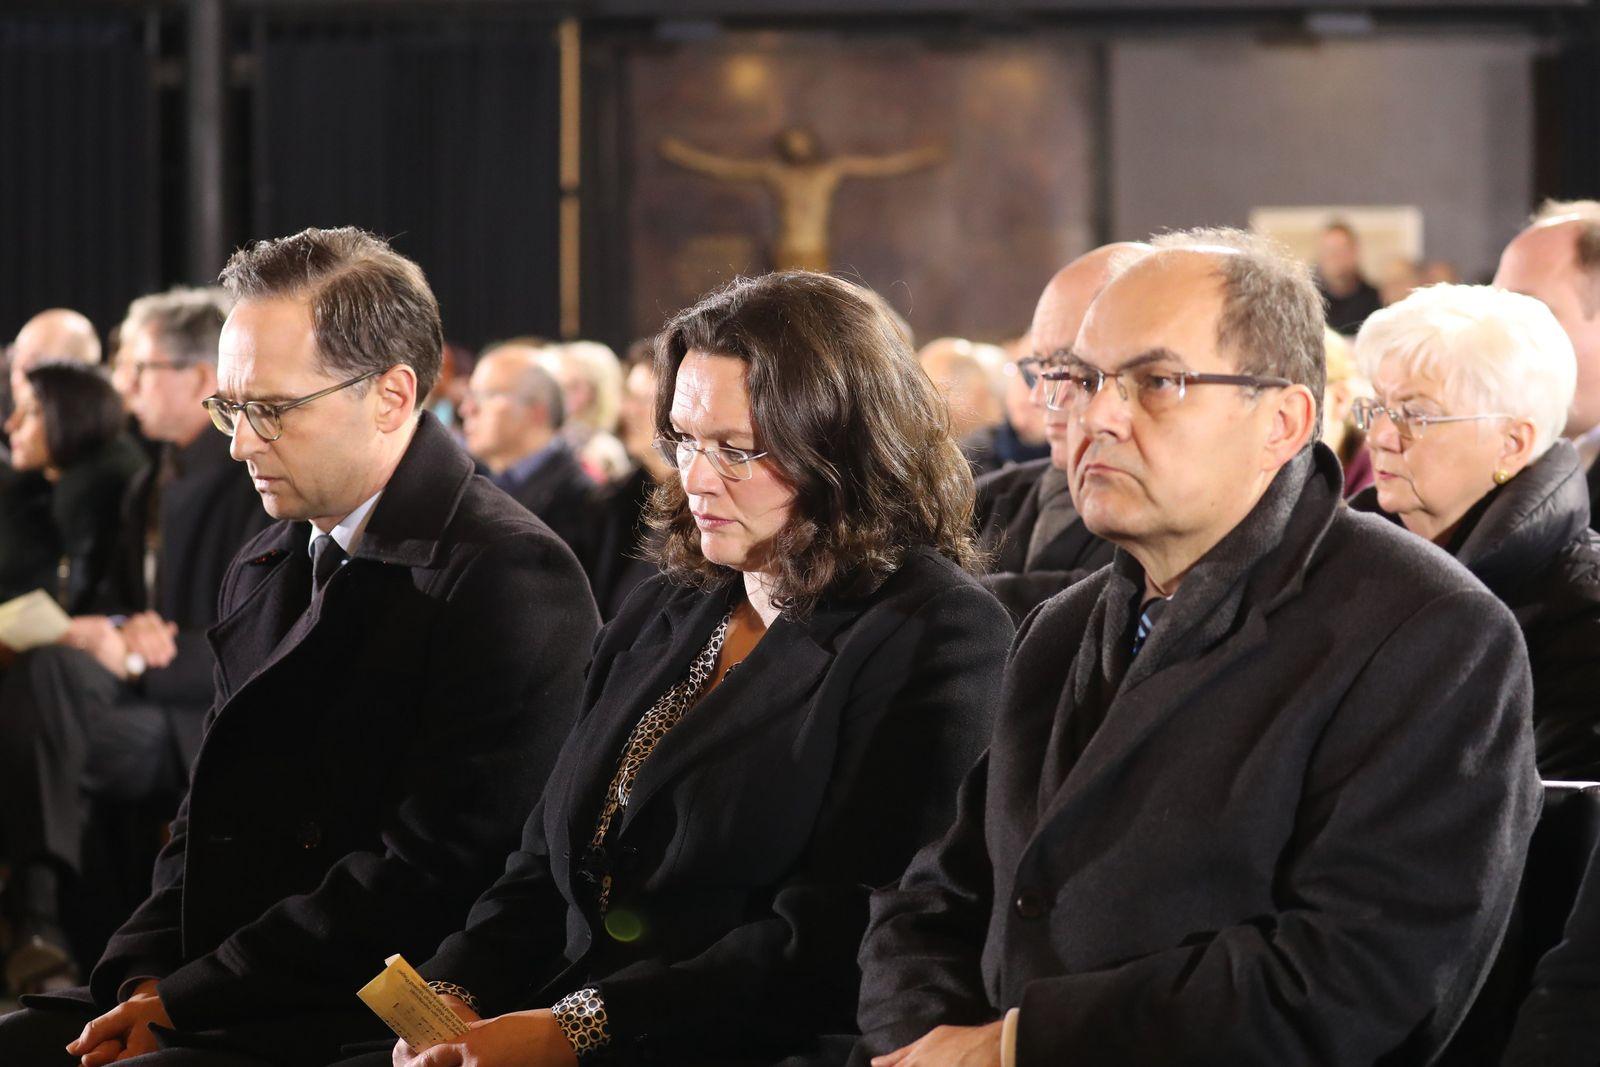 Trauergottesdienst in der Gedächtniskirche Andrea Nahles